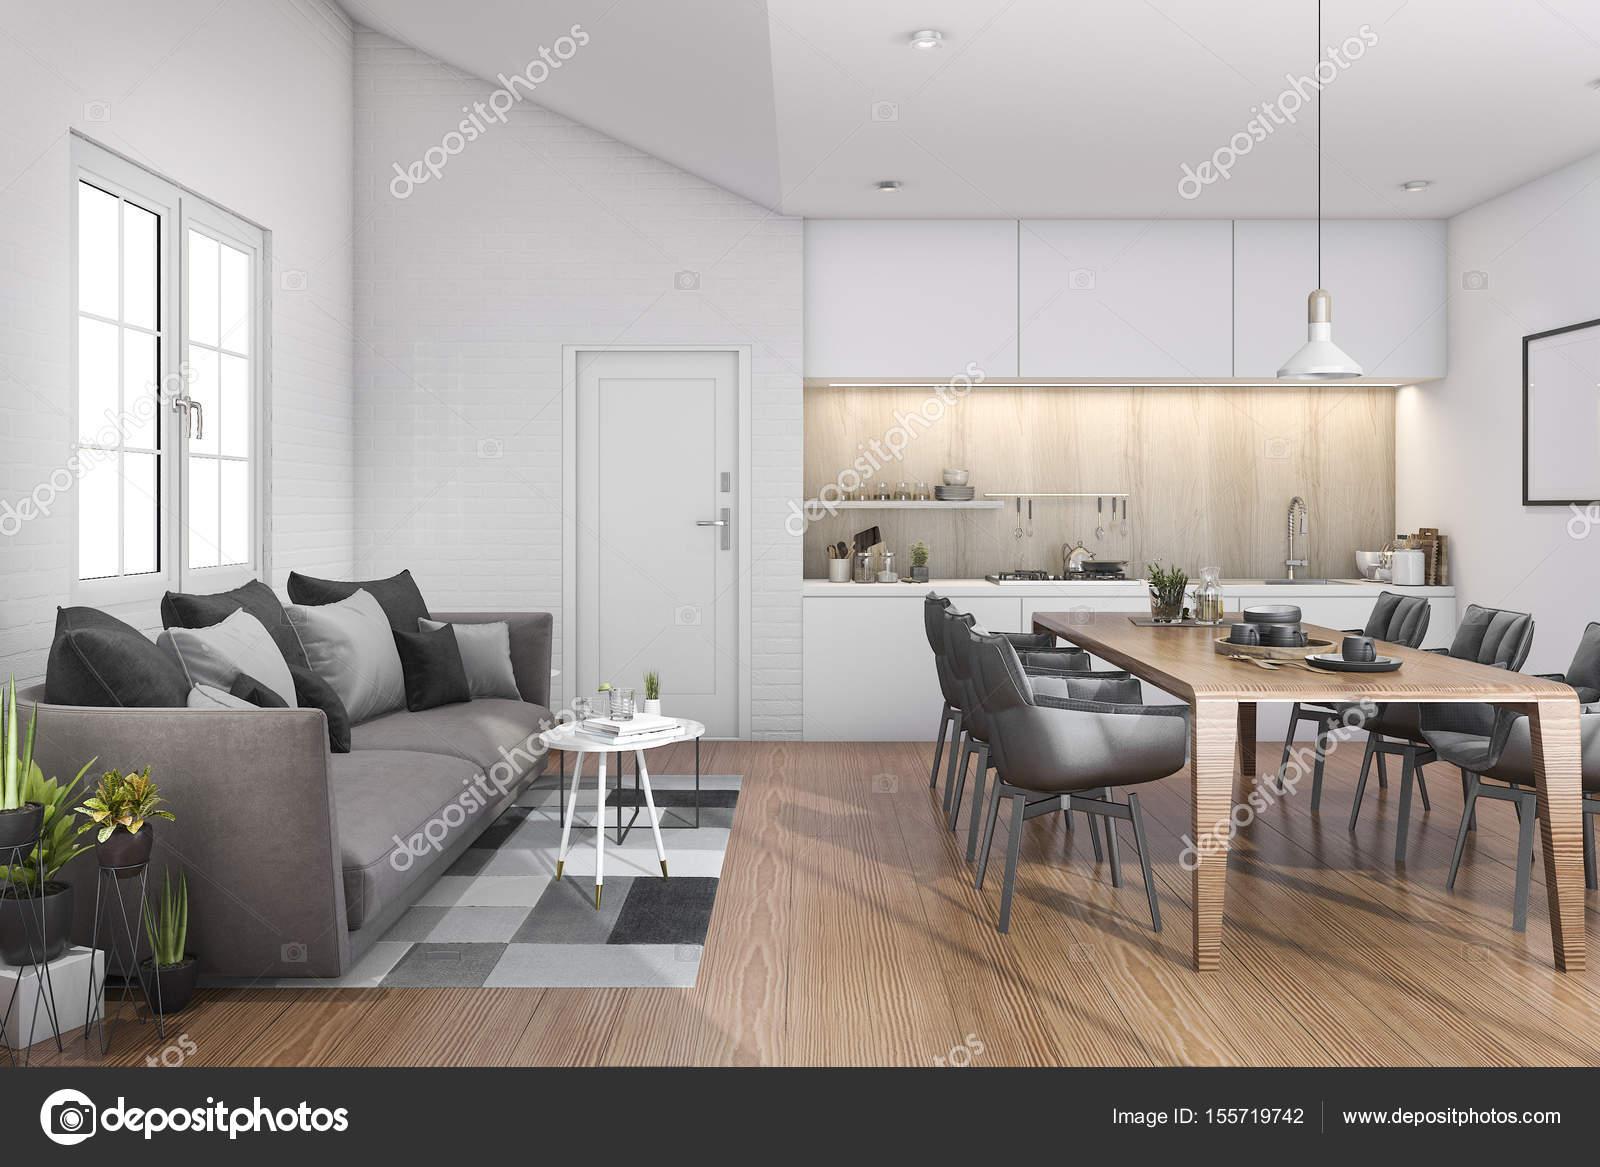 3D Rendering Holz loft Küche mit Bar und Sofa in der Nähe der Tür ...